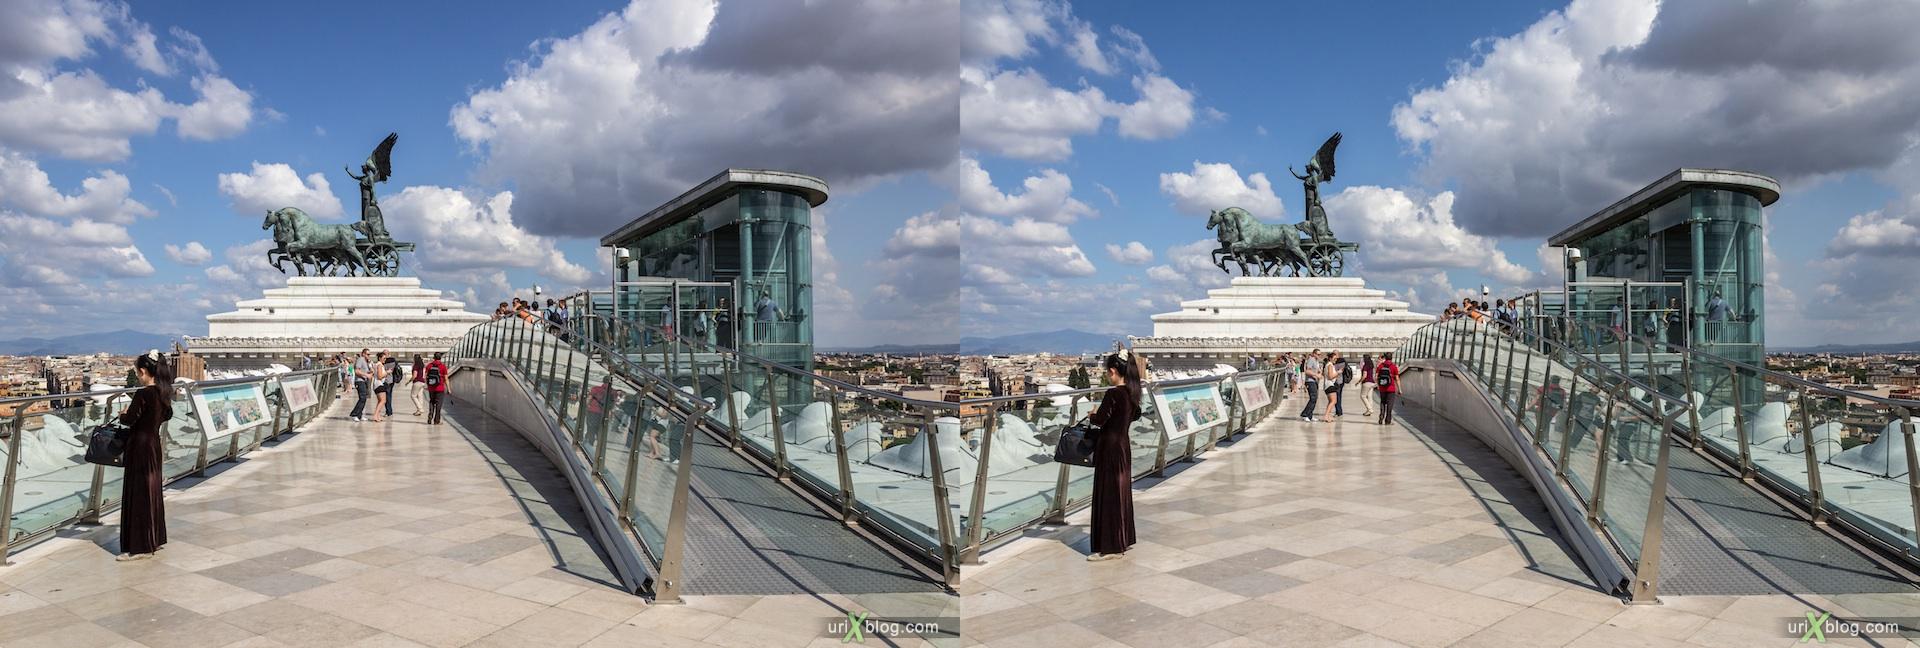 2012, Витториано, Монумент Виктора Эммануила II, крыша, колесница, смотровая площадка, Рим, Италия, осень, 3D, перекрёстные стереопары, стерео, стереопара, стереопары